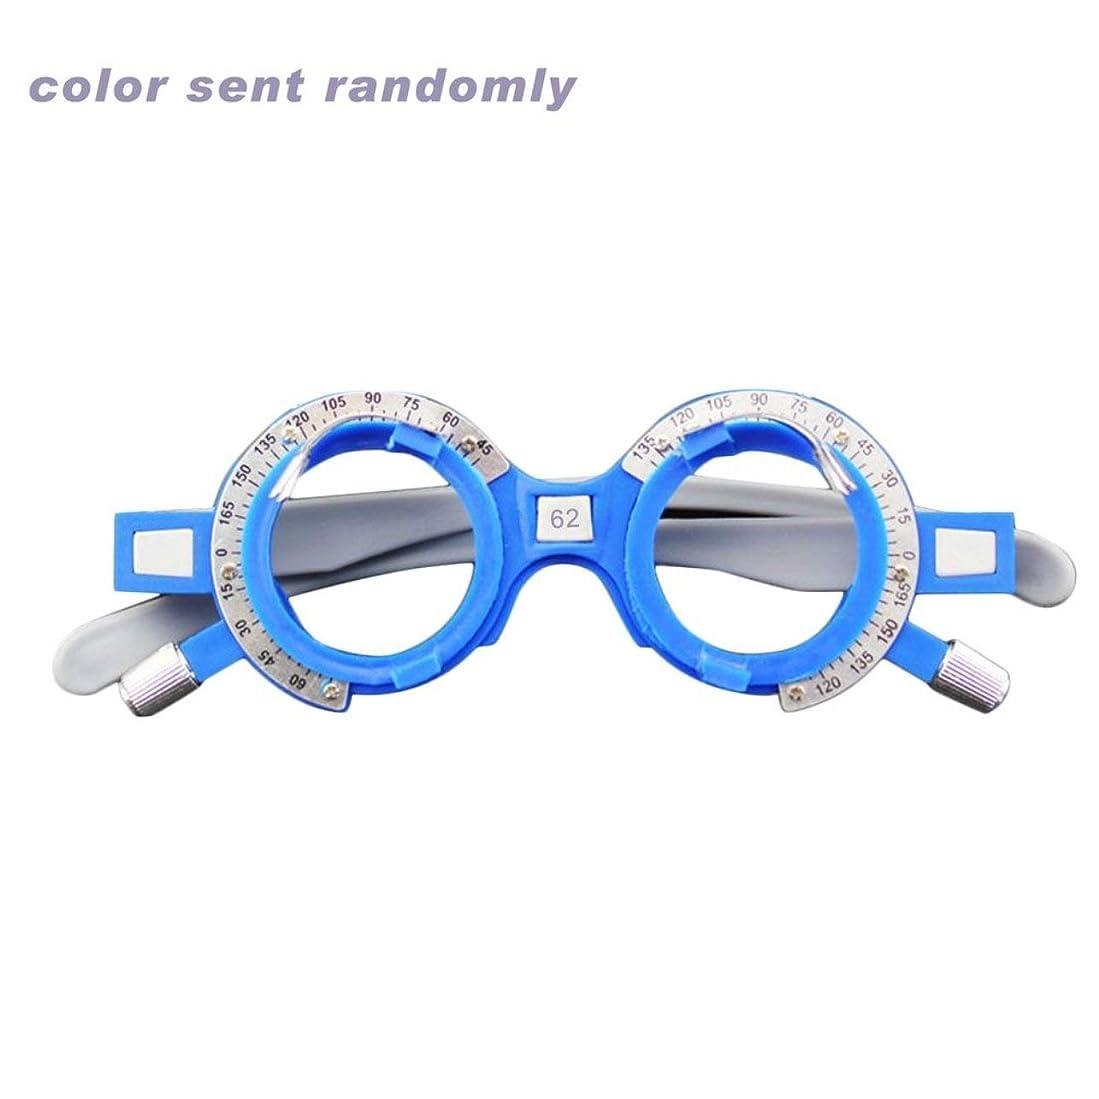 エミュレートするそれに応じて十DeeploveUU 調節可能な光学トライアルレンズフレーム52-70mm PD眼科検眼眼鏡技師プラスチック眼鏡フレーム眼鏡アクセサリー